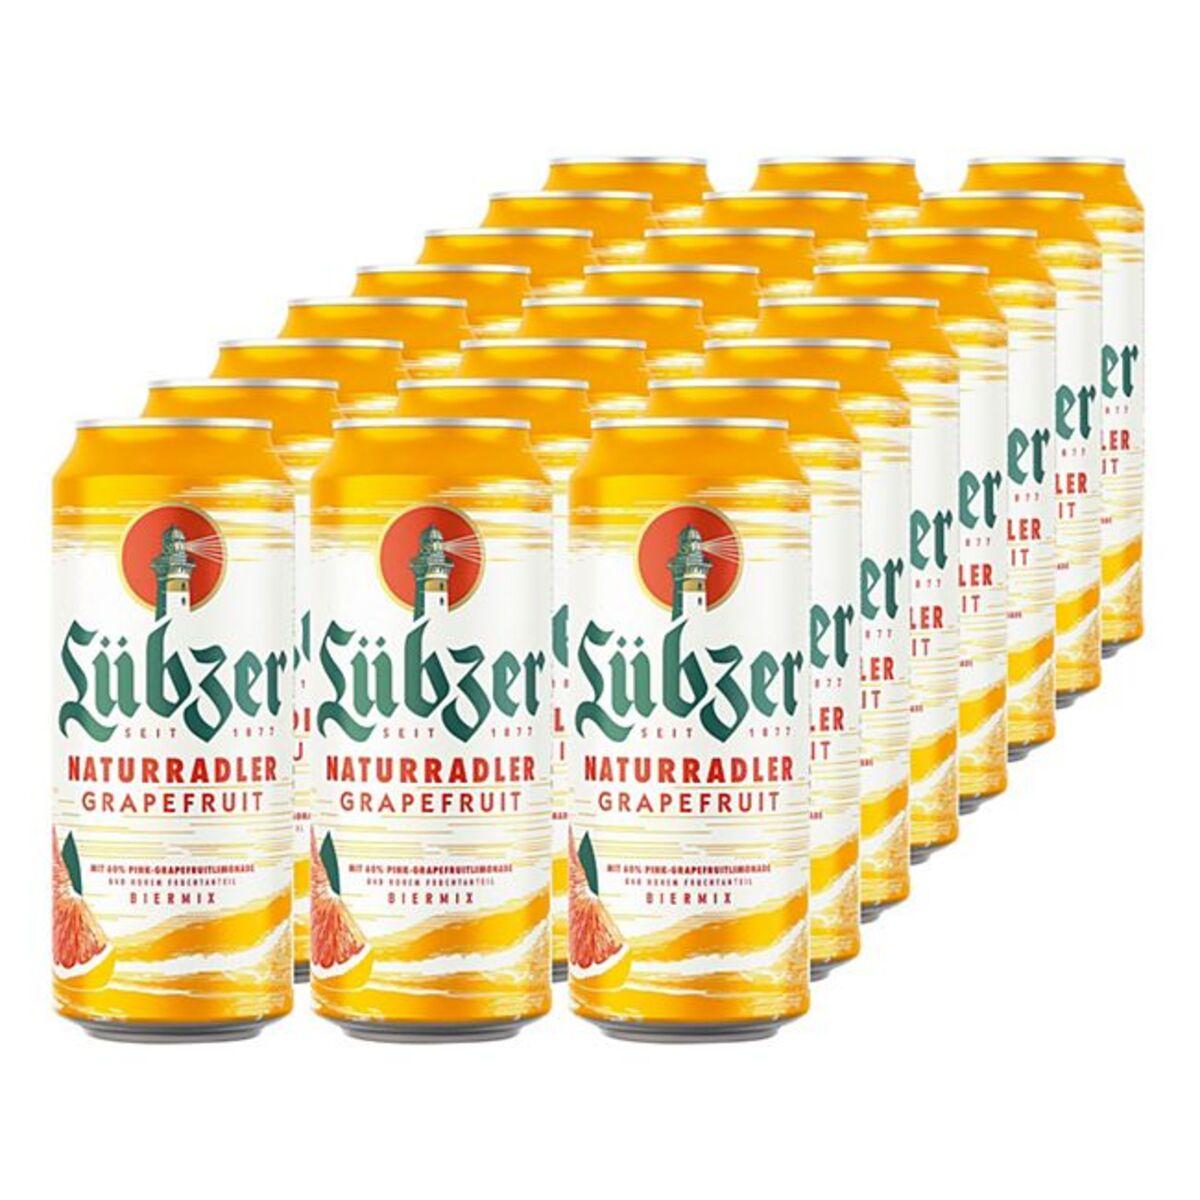 Bild 1 von Lübzer Grapefruit 2,0 % vol 0,5 Liter Dose, 24er Pack